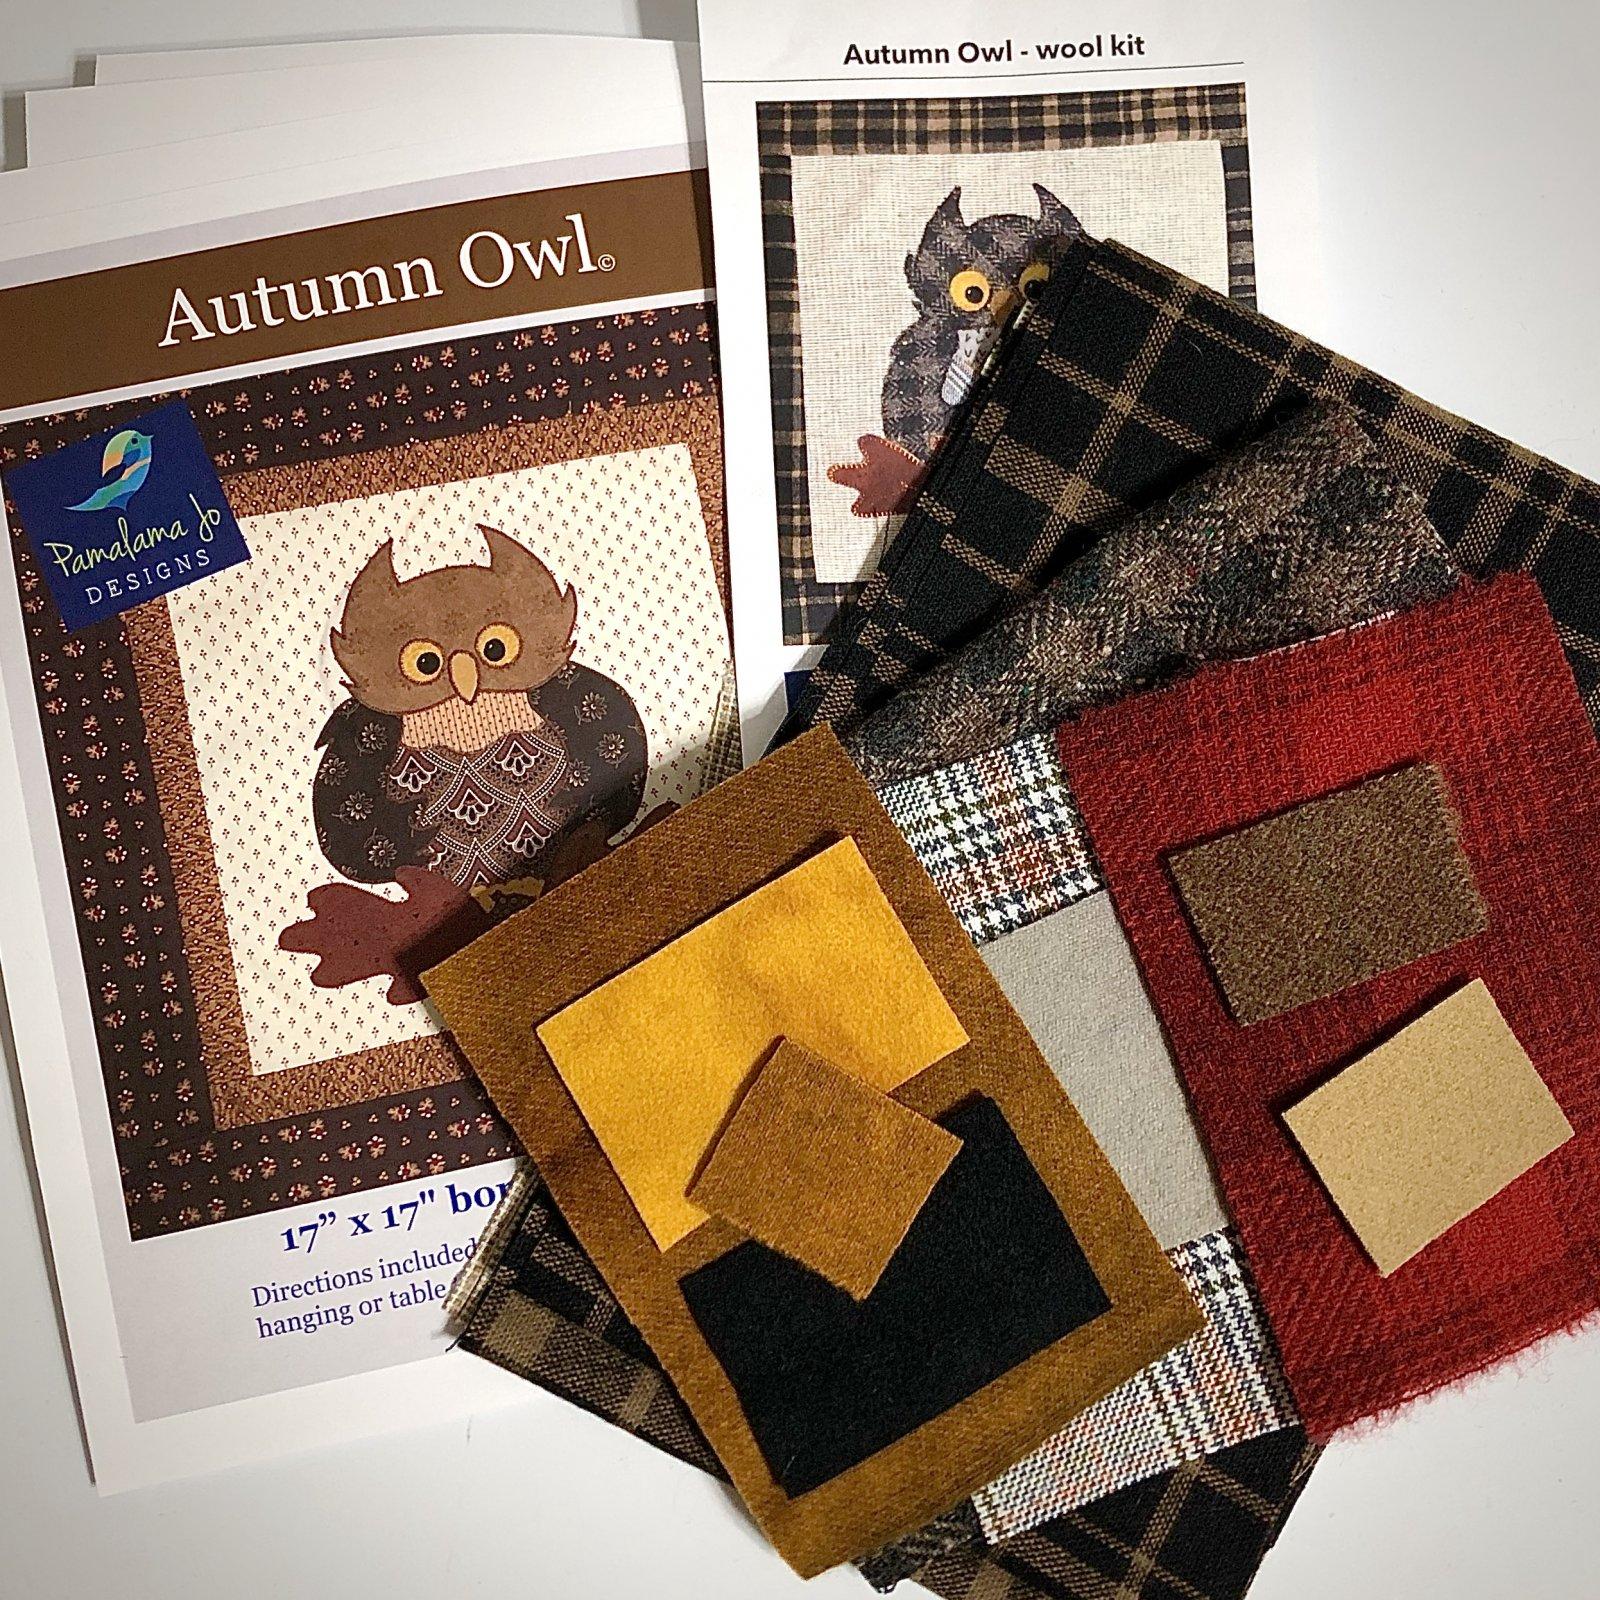 Autumn Owl Wool Kit